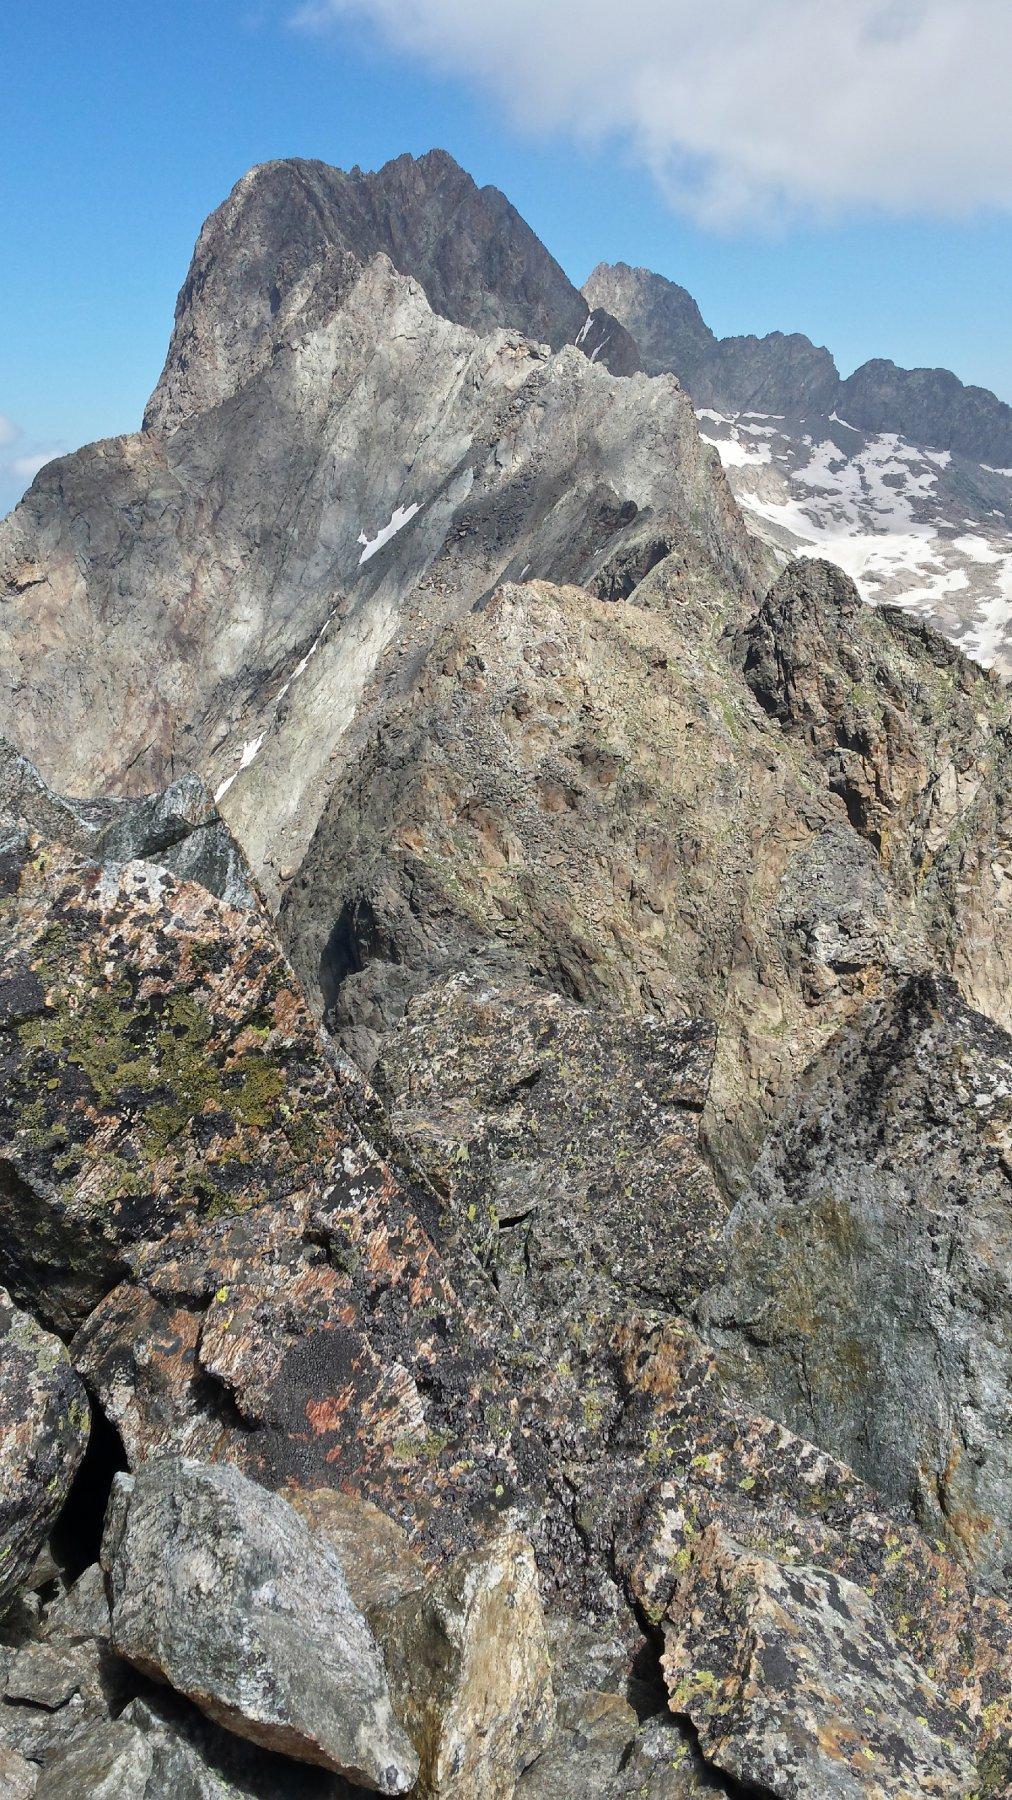 La Serra dell'Argentera e la Cima Paganini risalendo le ultime roccette che conducono alla cima.